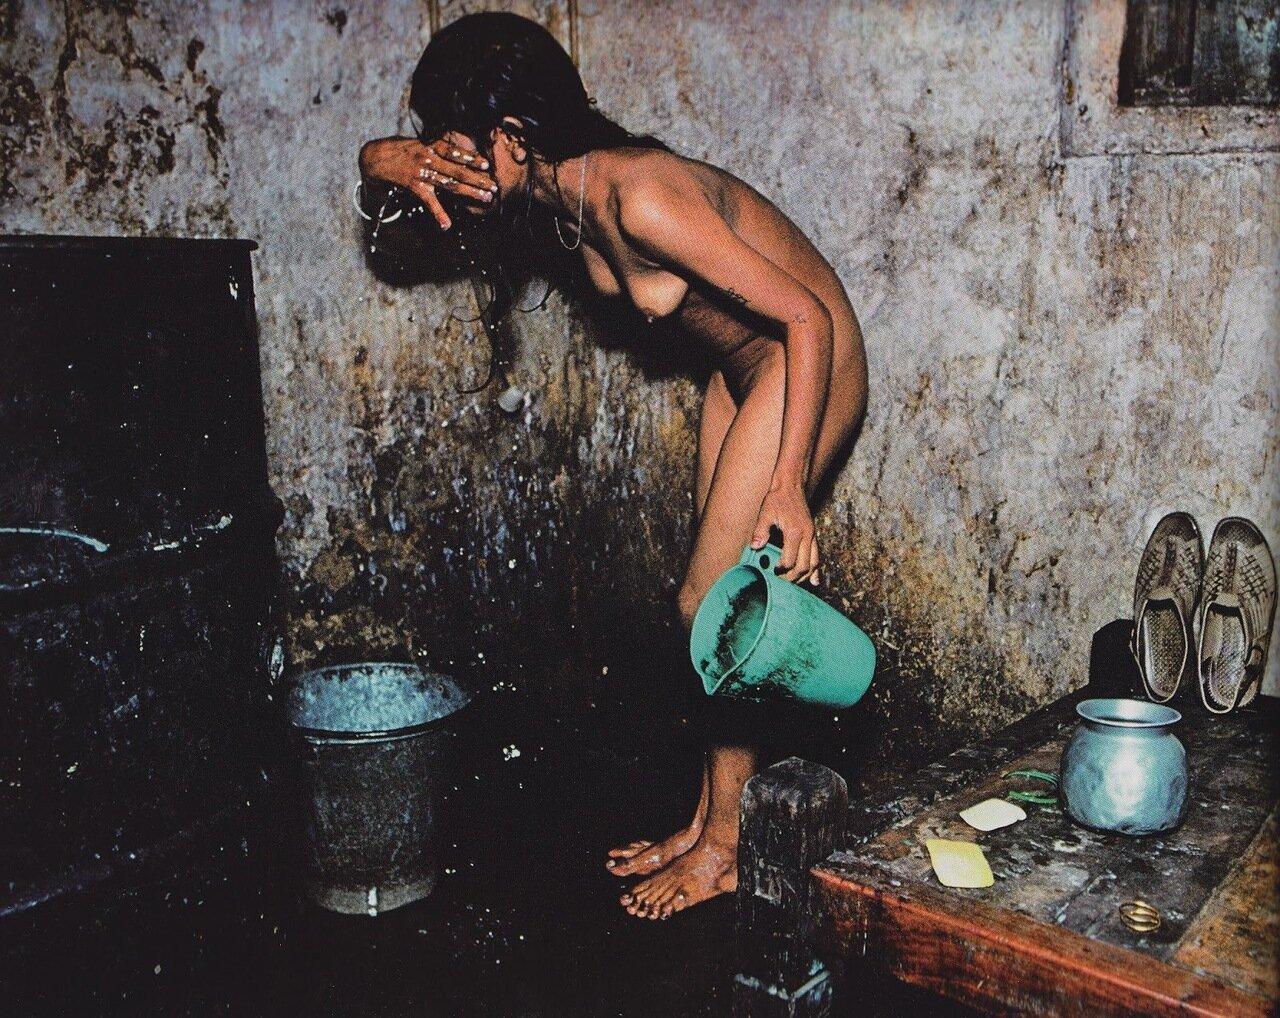 09. Девушки моются очень тщательно, по крайней мере раз в день